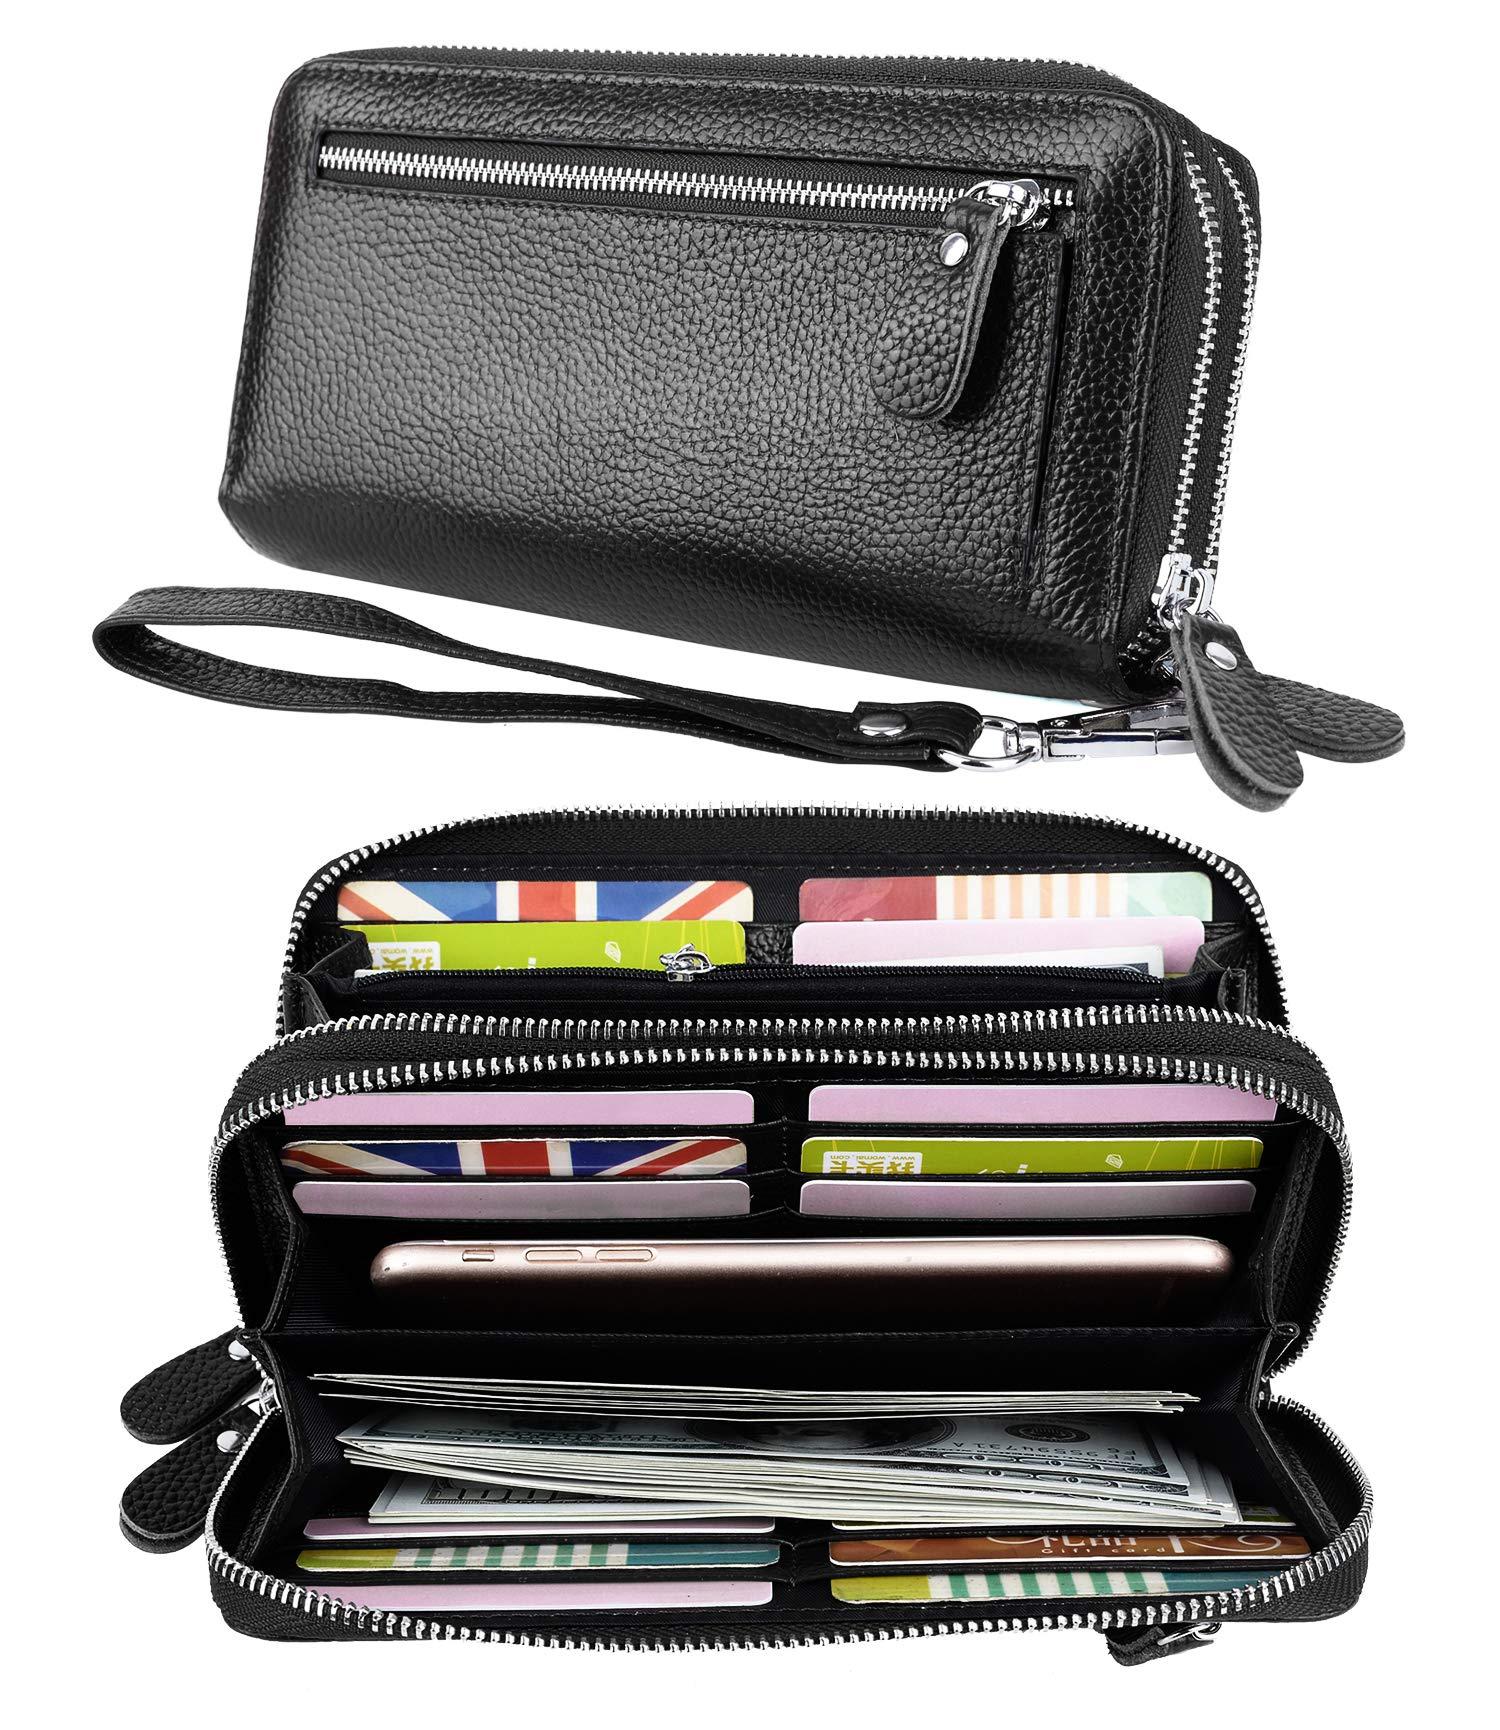 YALUXE Women's RFID Blocking Security Double Zipper Large Smartphone Wristlet Leather Wallet Black by YALUXE